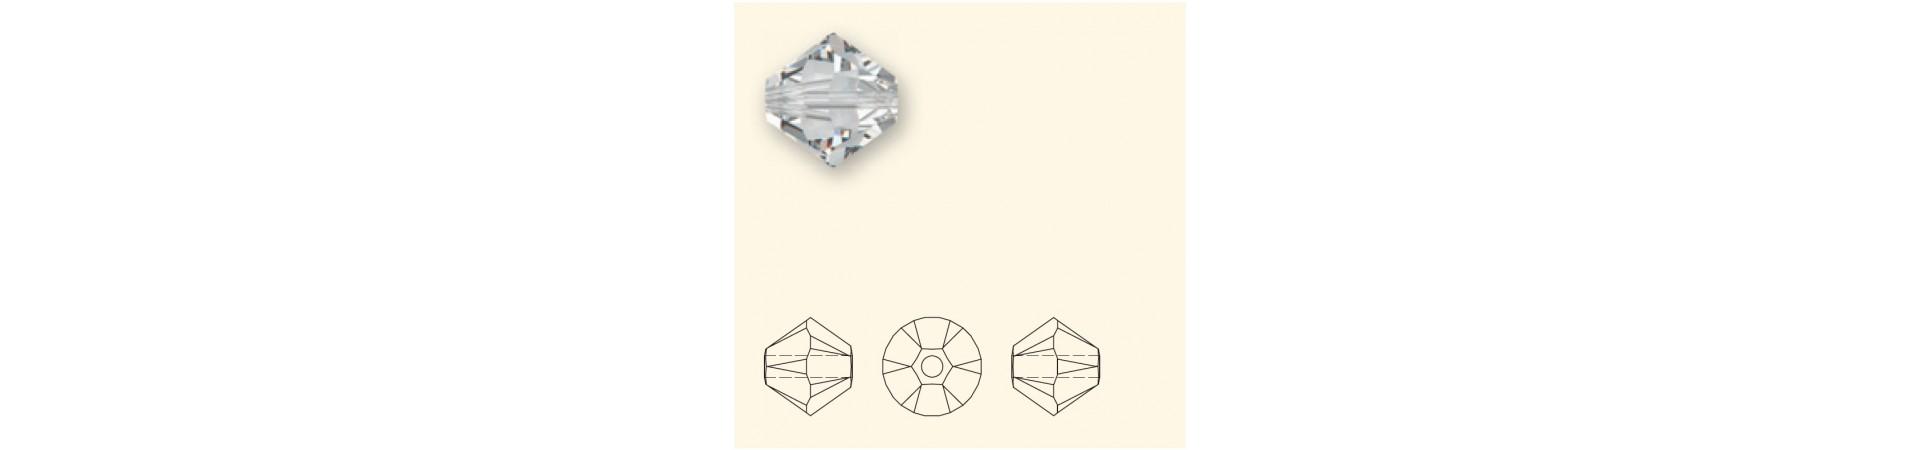 5328 XILION bi-cone (Bicone) bead